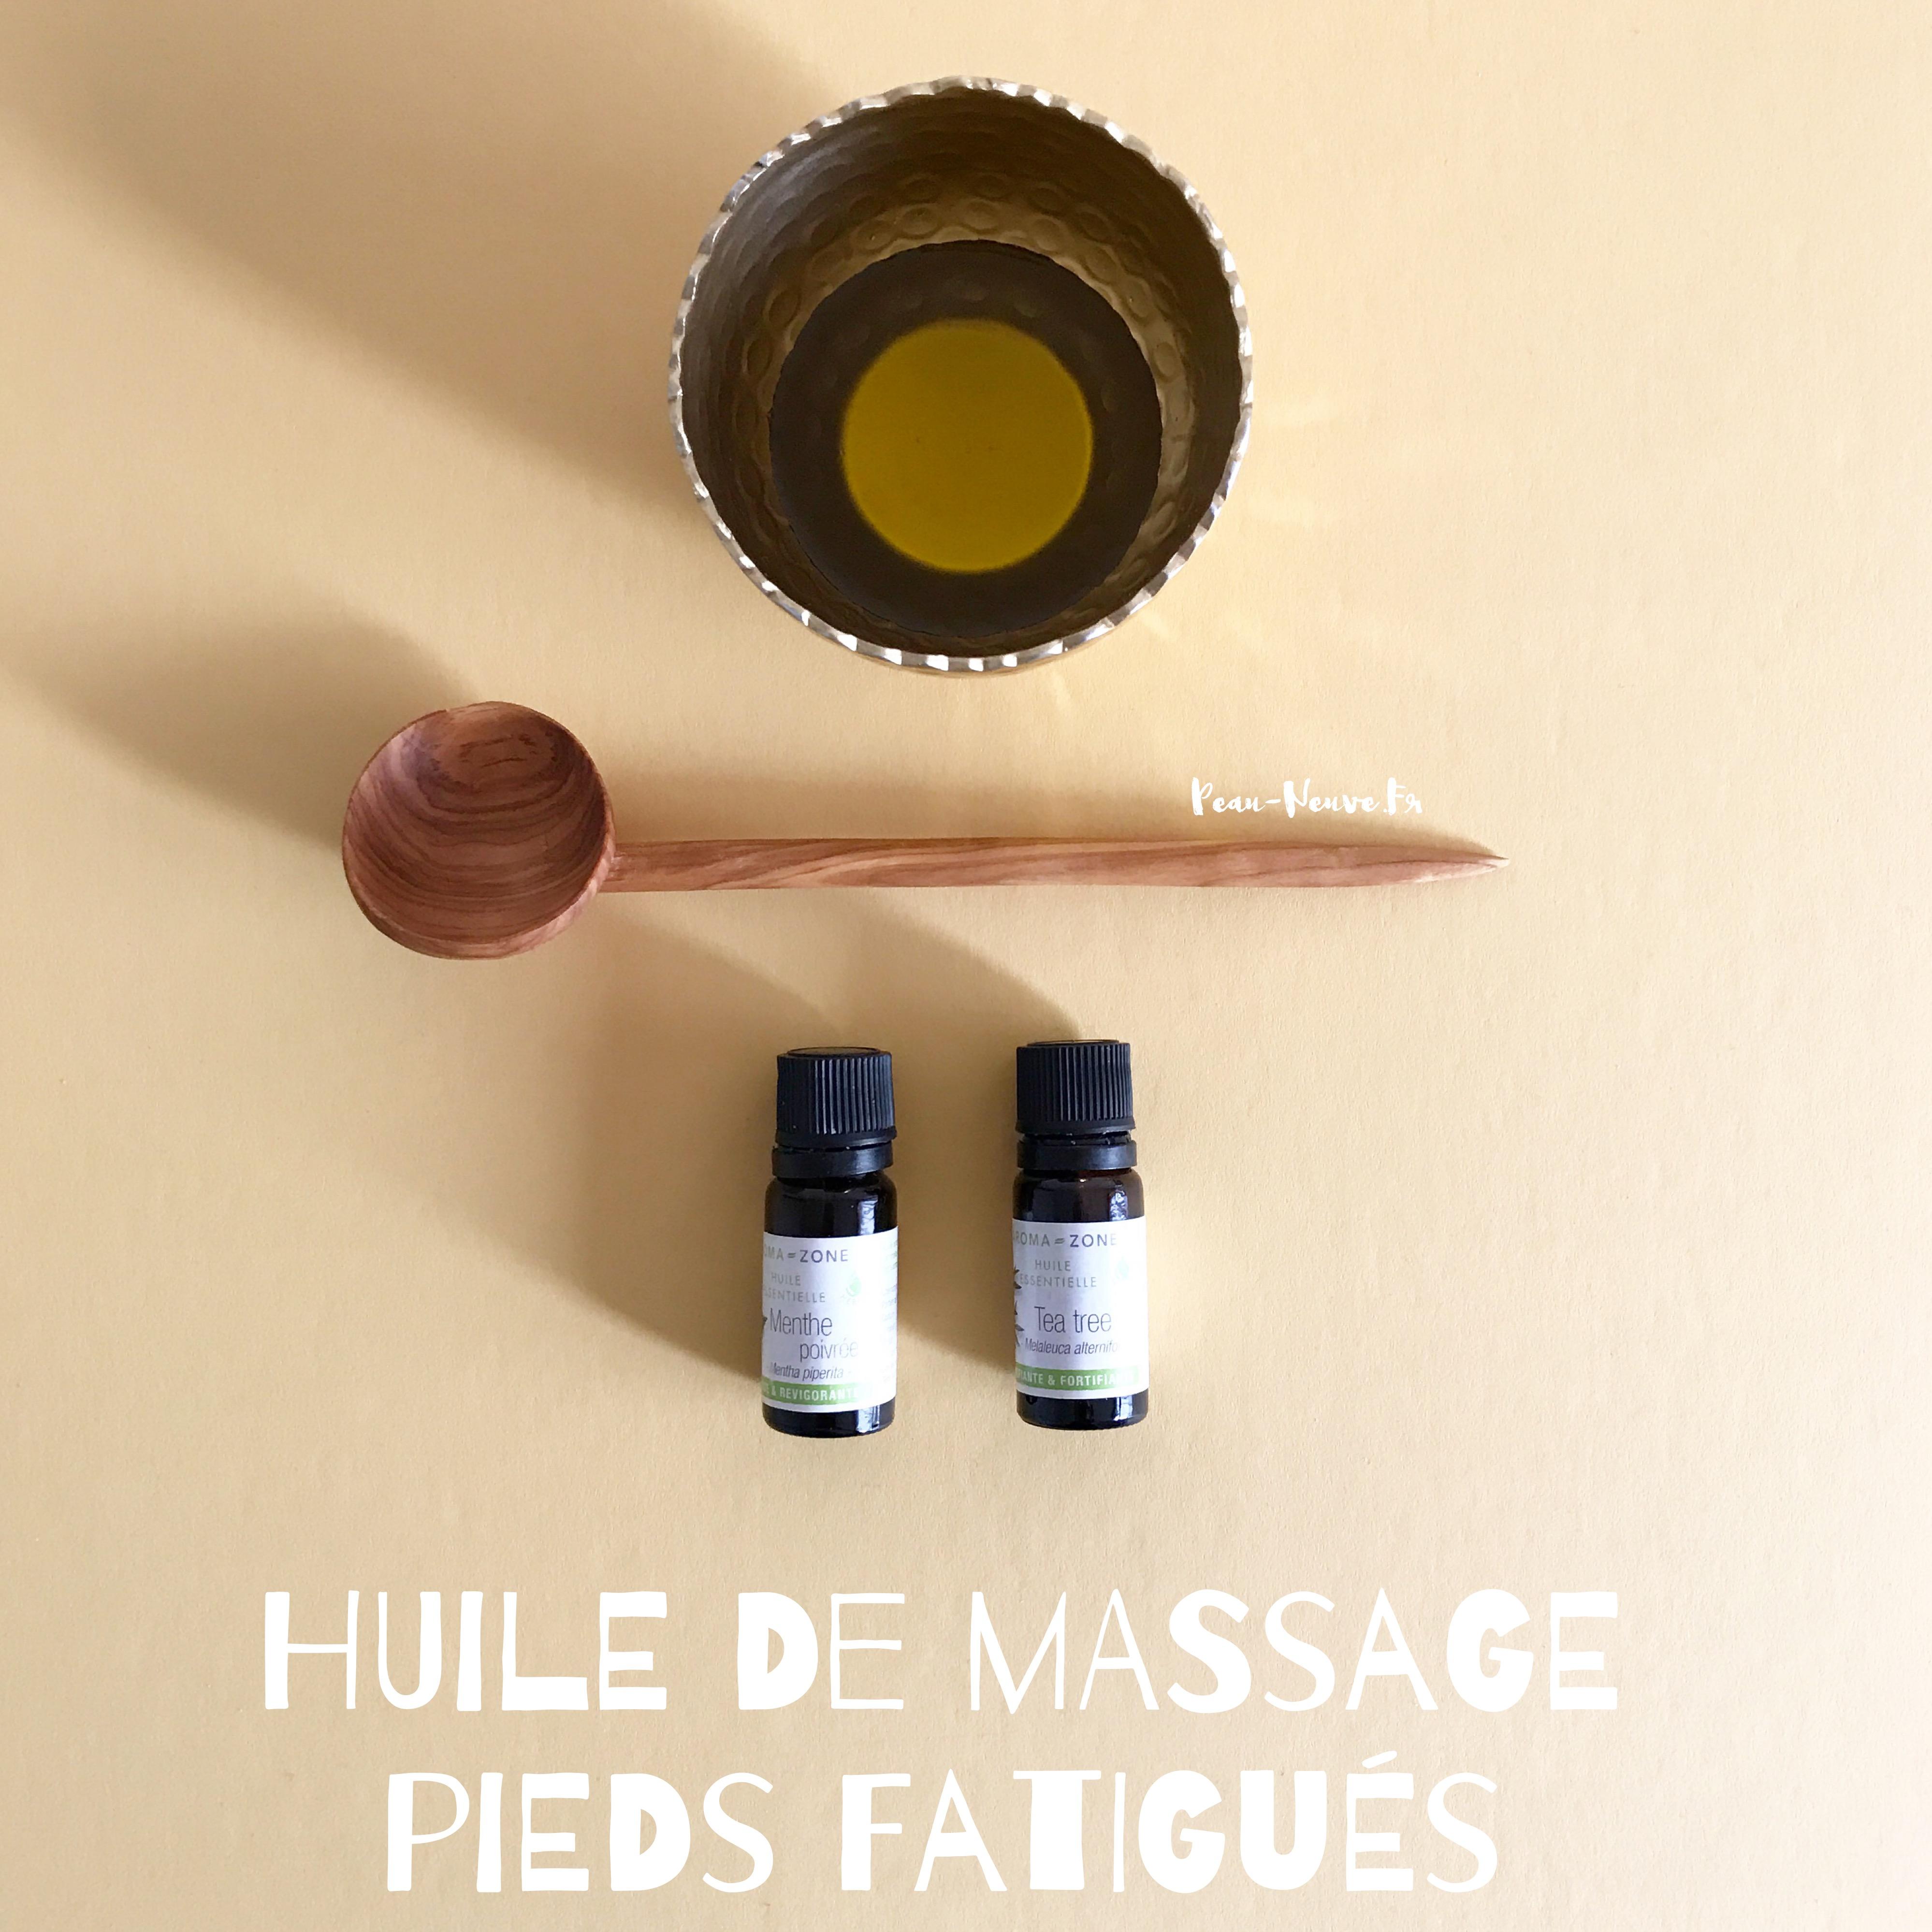 Huile de massage pour les pieds fatigués